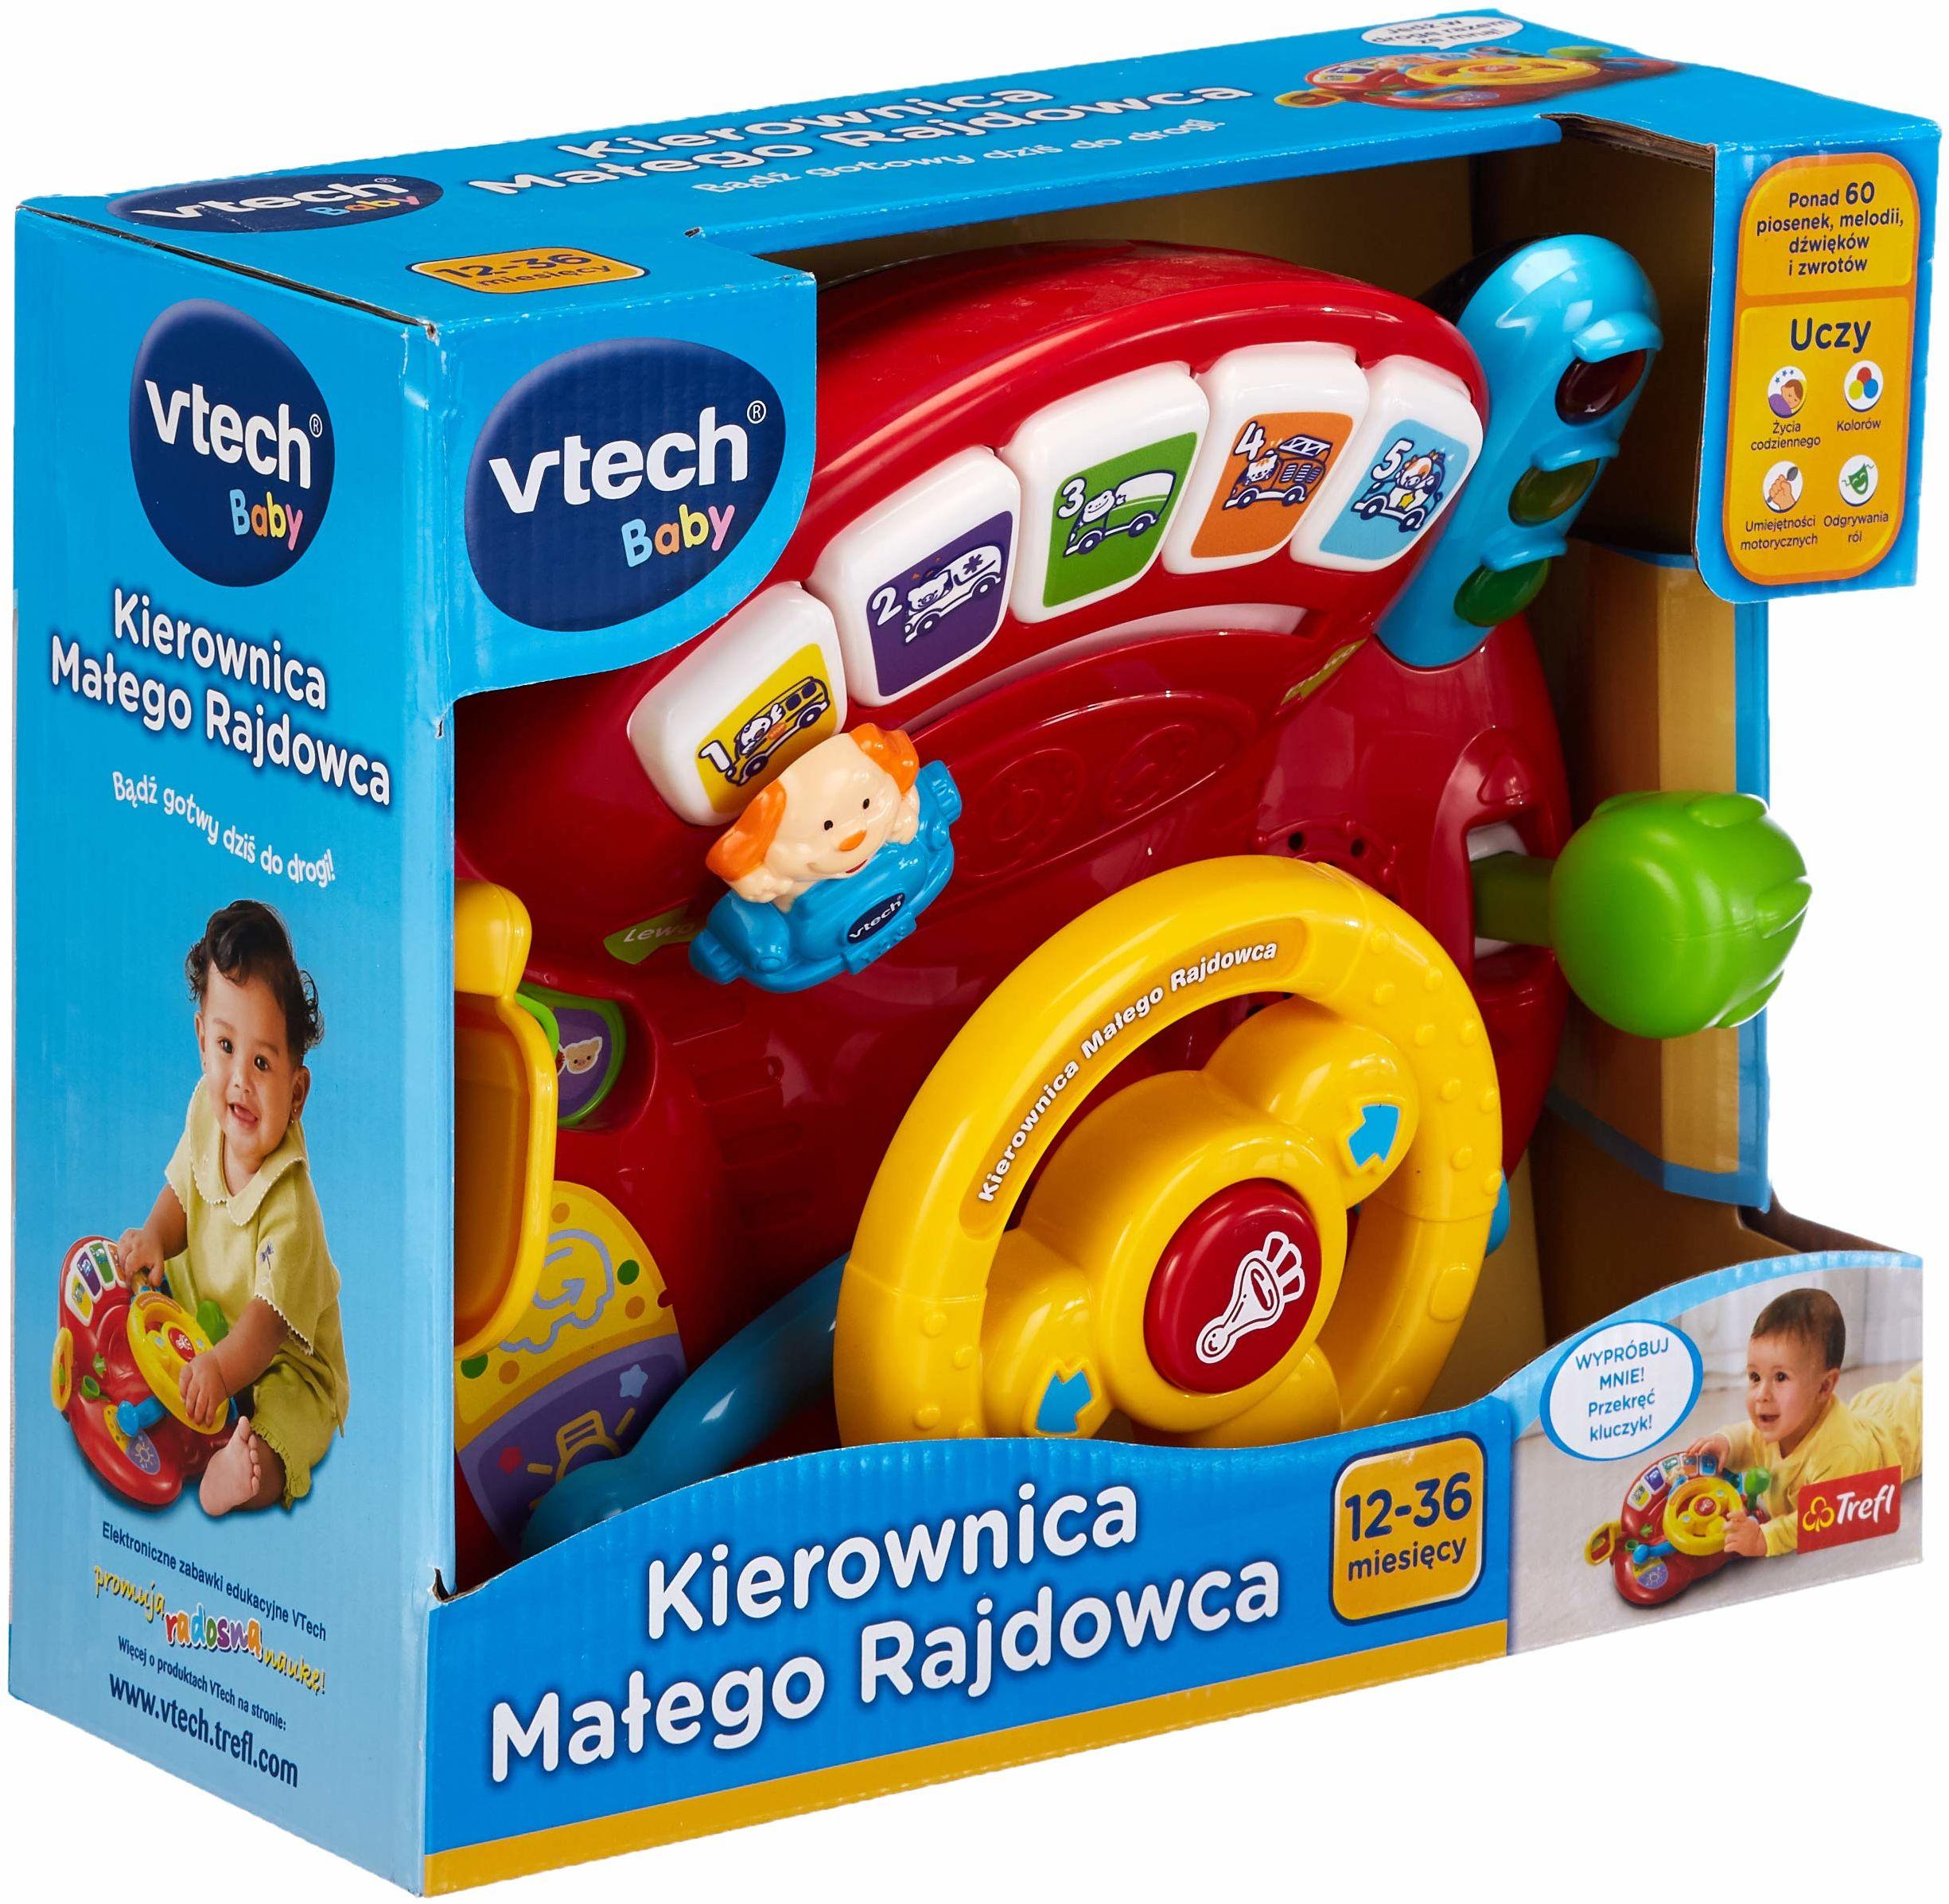 Kierownica dla dzieci Vtech